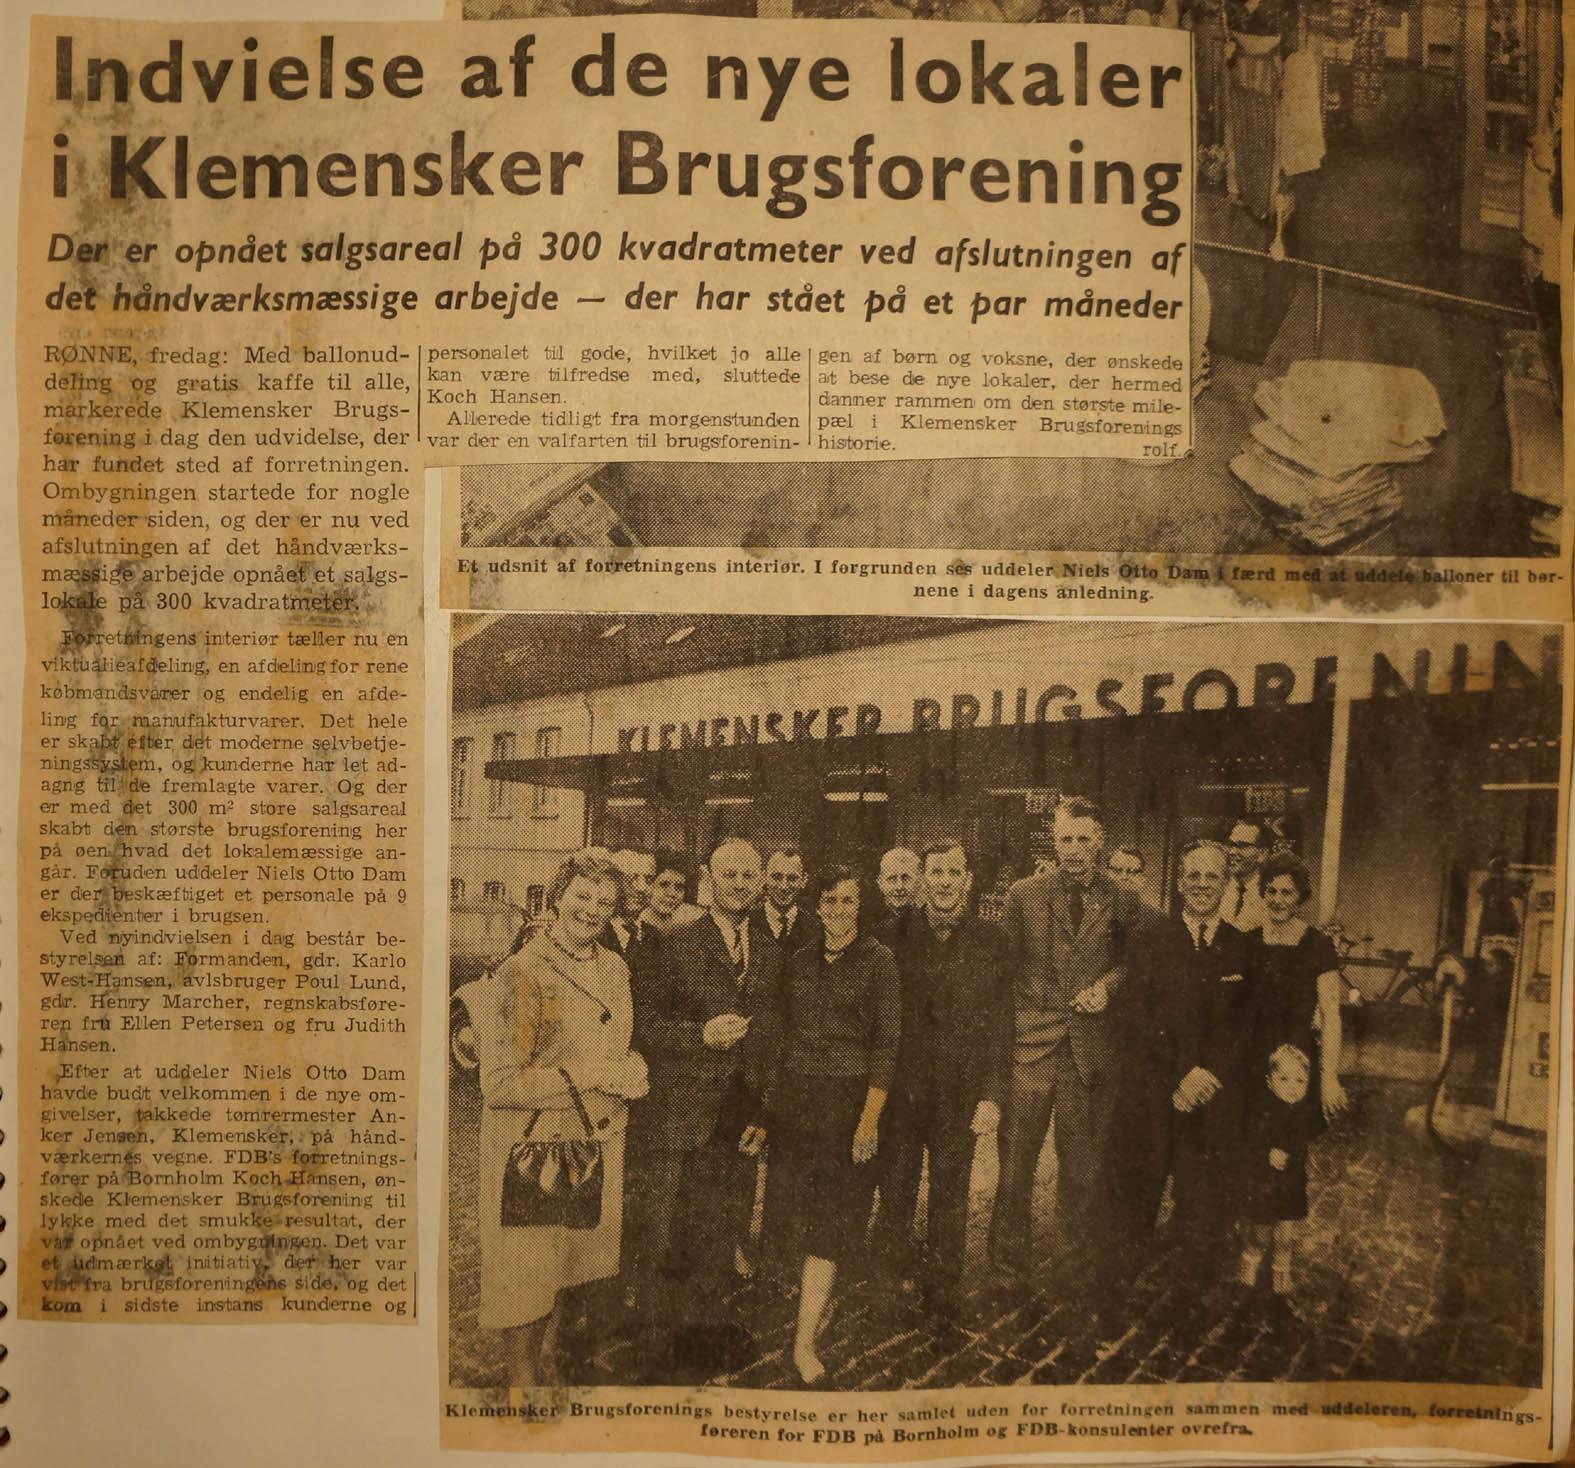 klemensker-brugs-1963-og-bestyrelsen